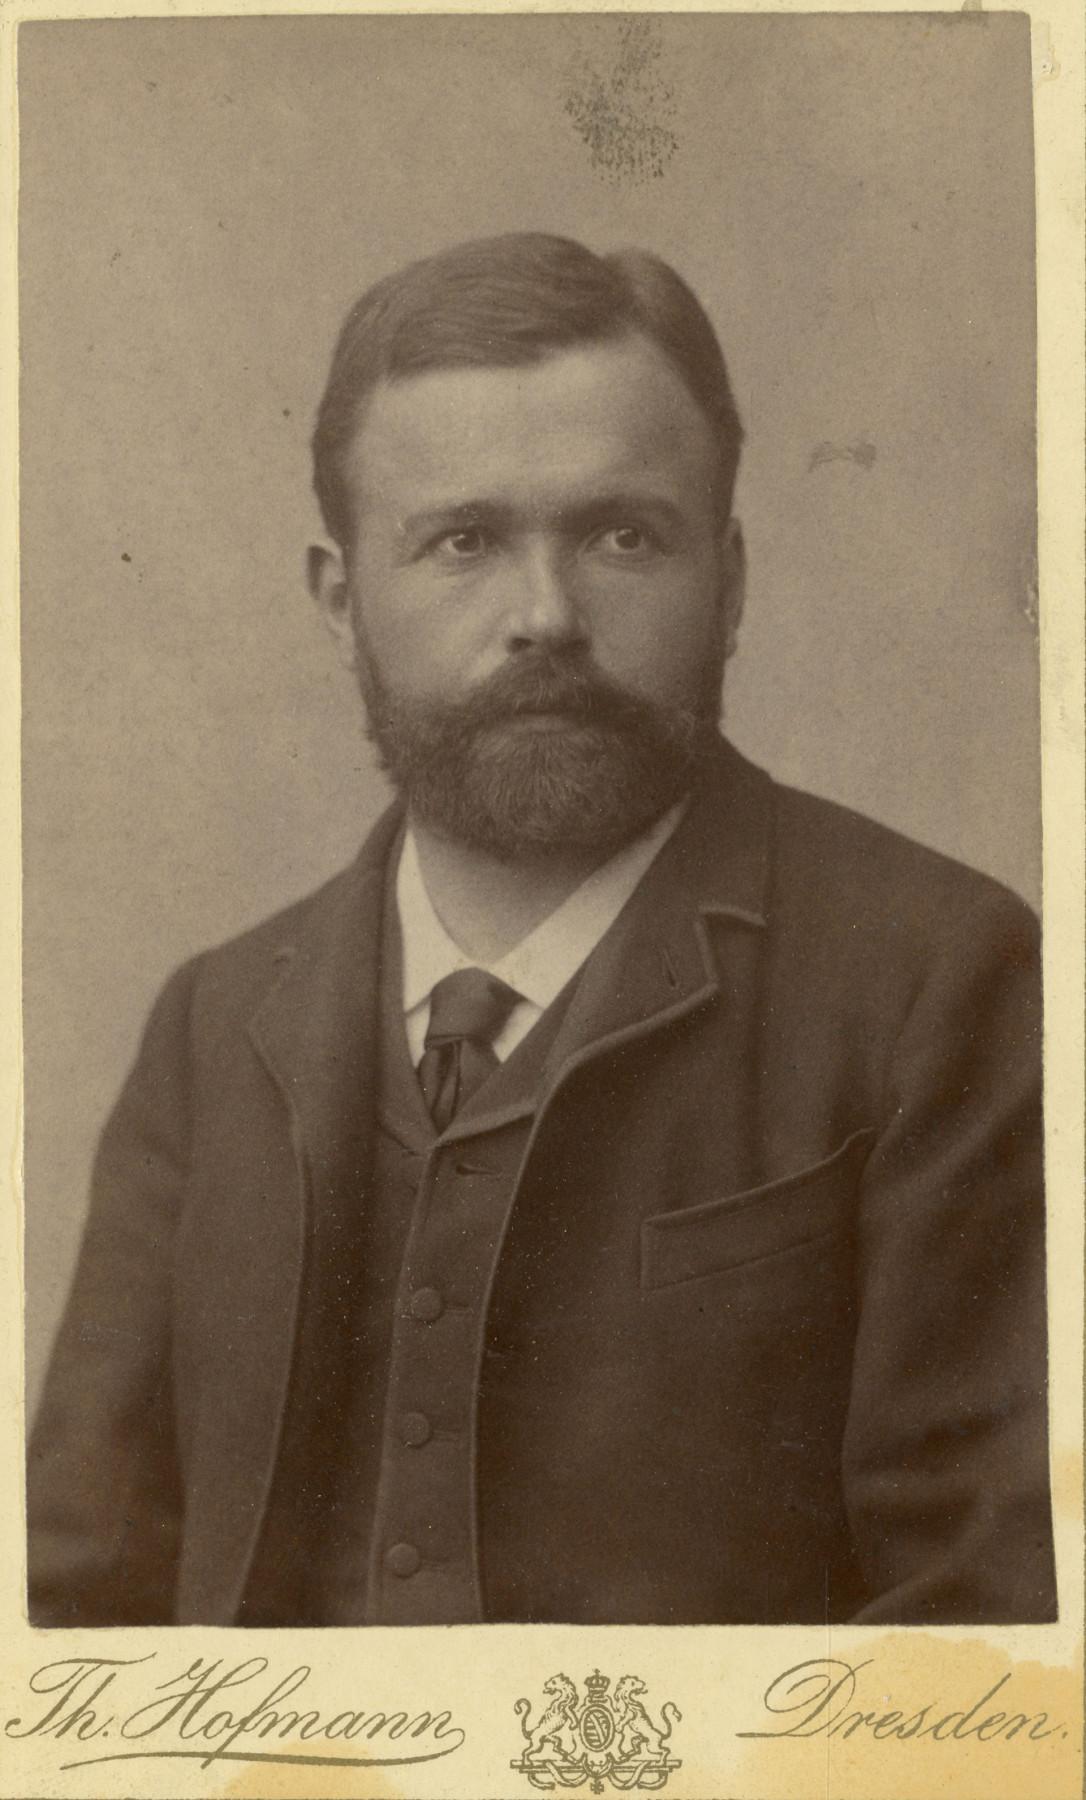 Historic photo of Caspar Badrutt